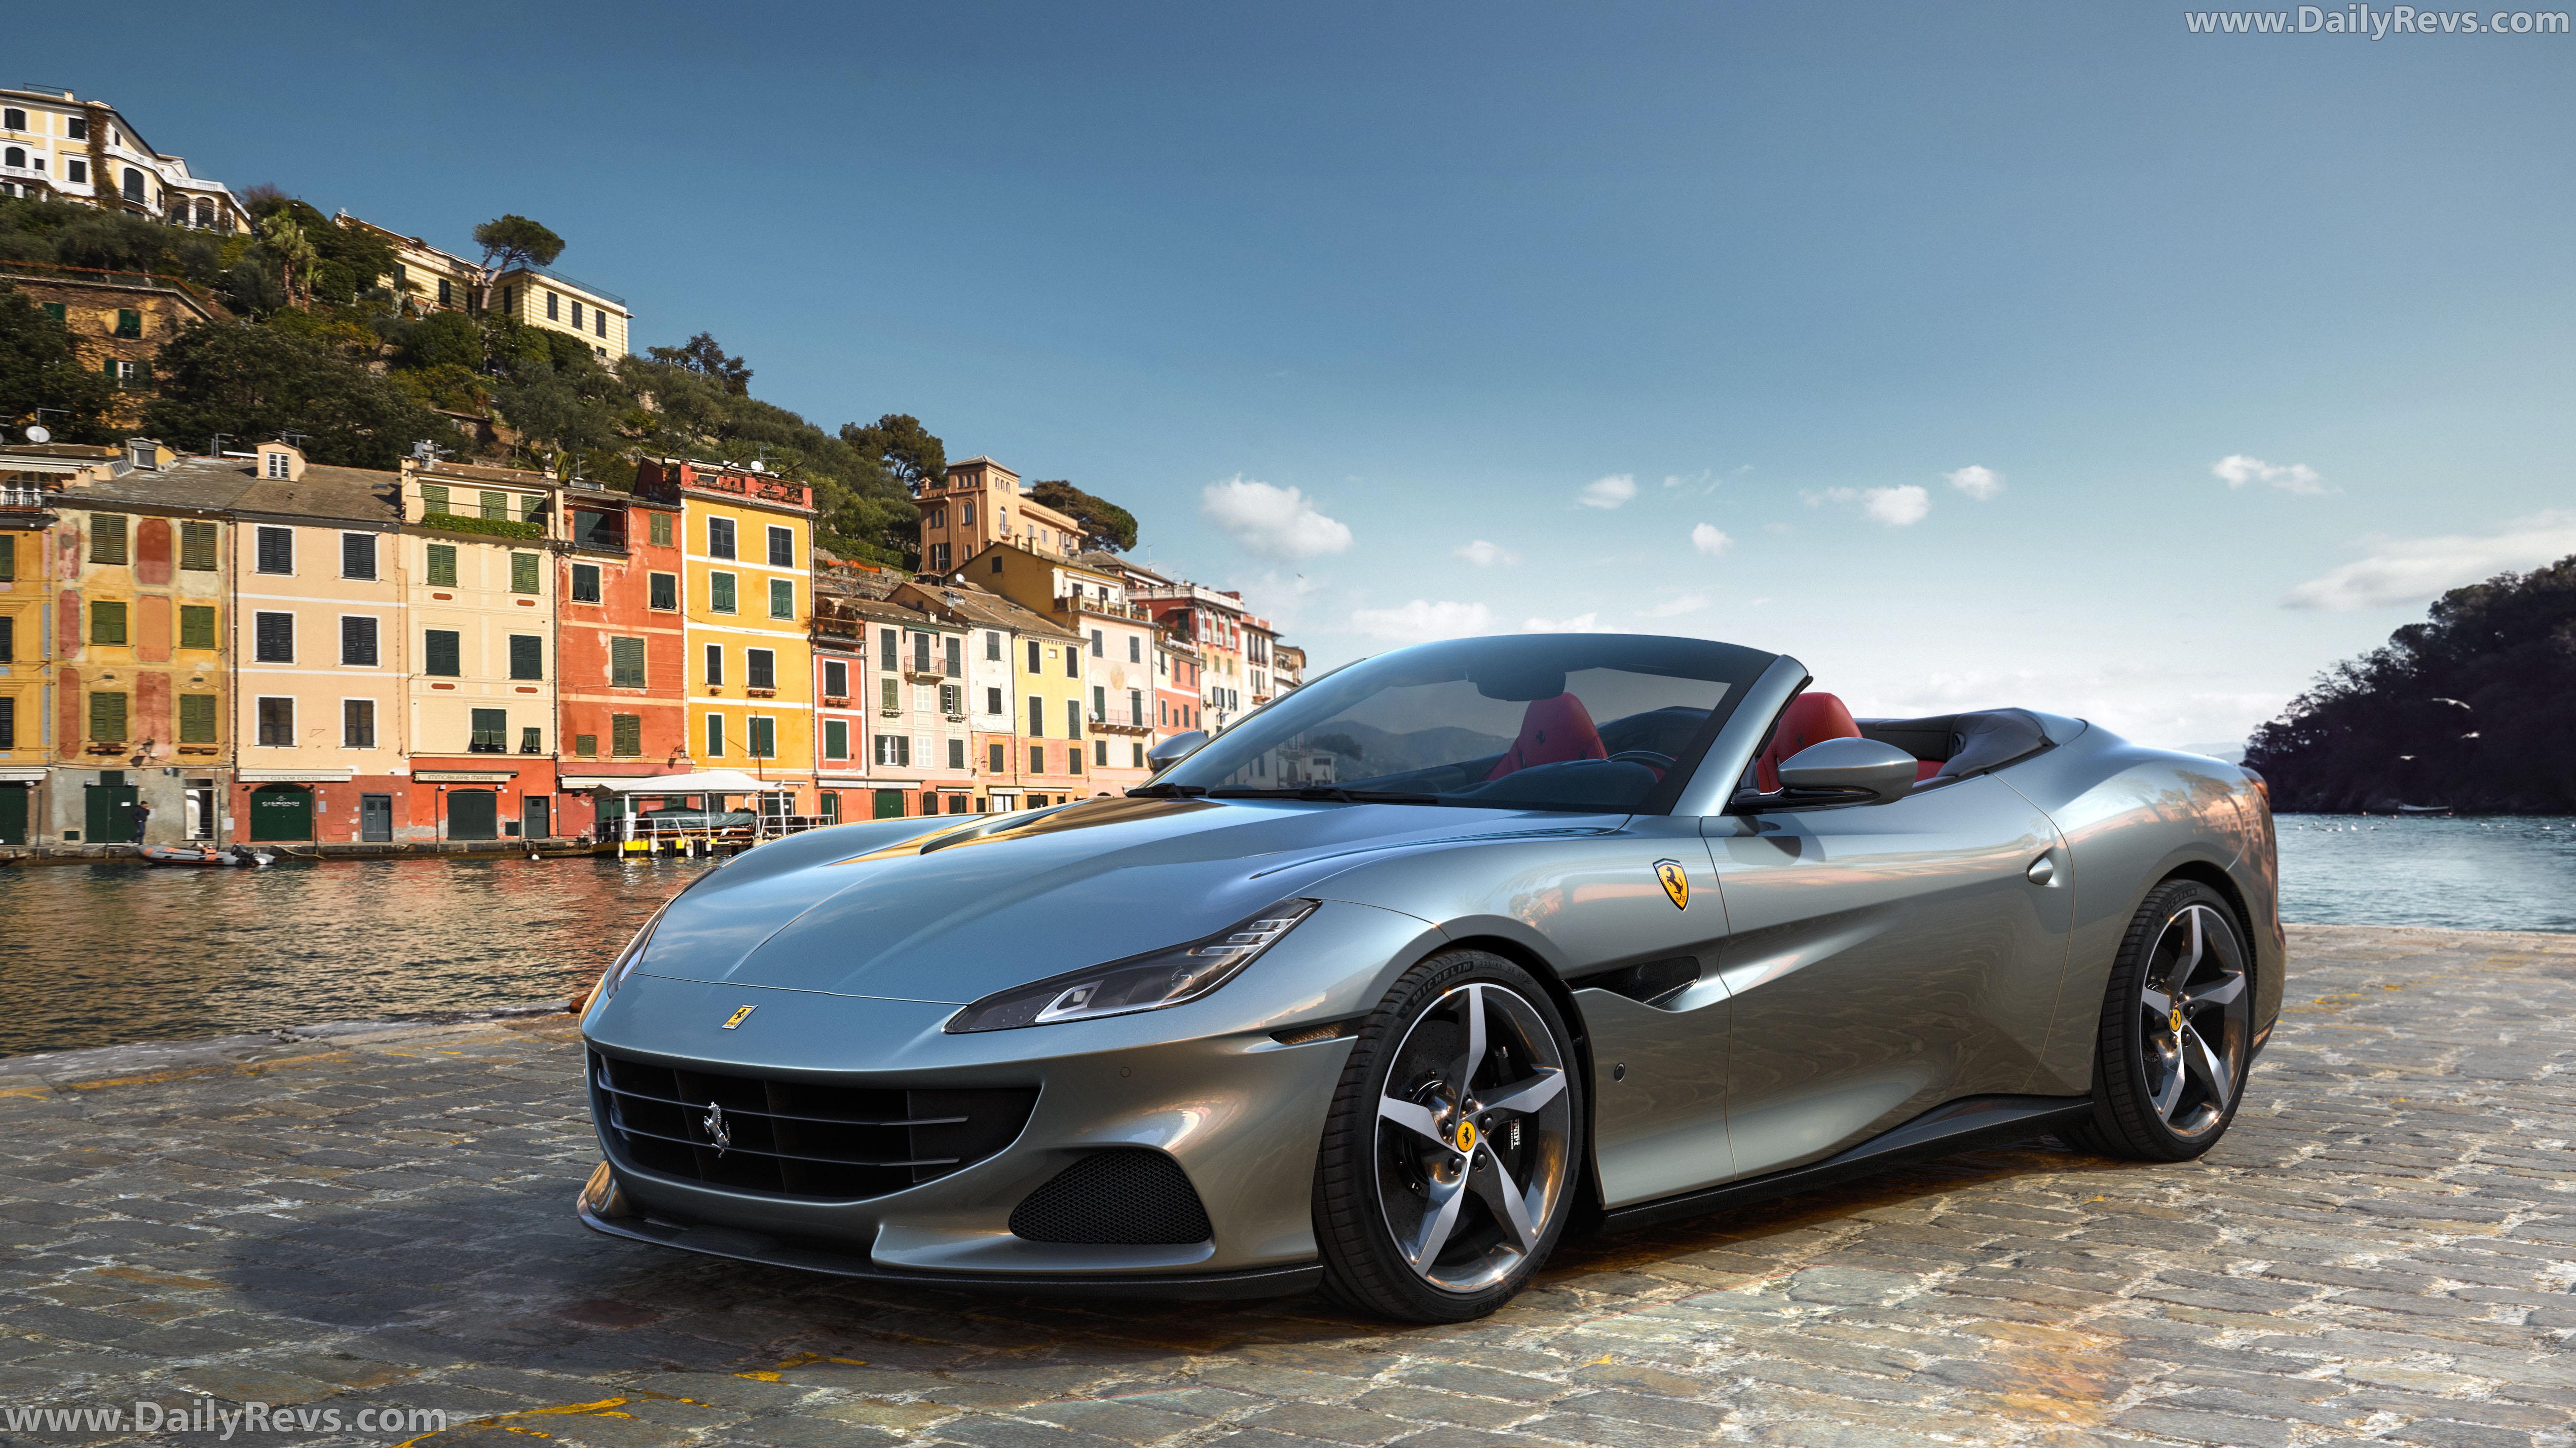 2021 Ferrari Portofino M full